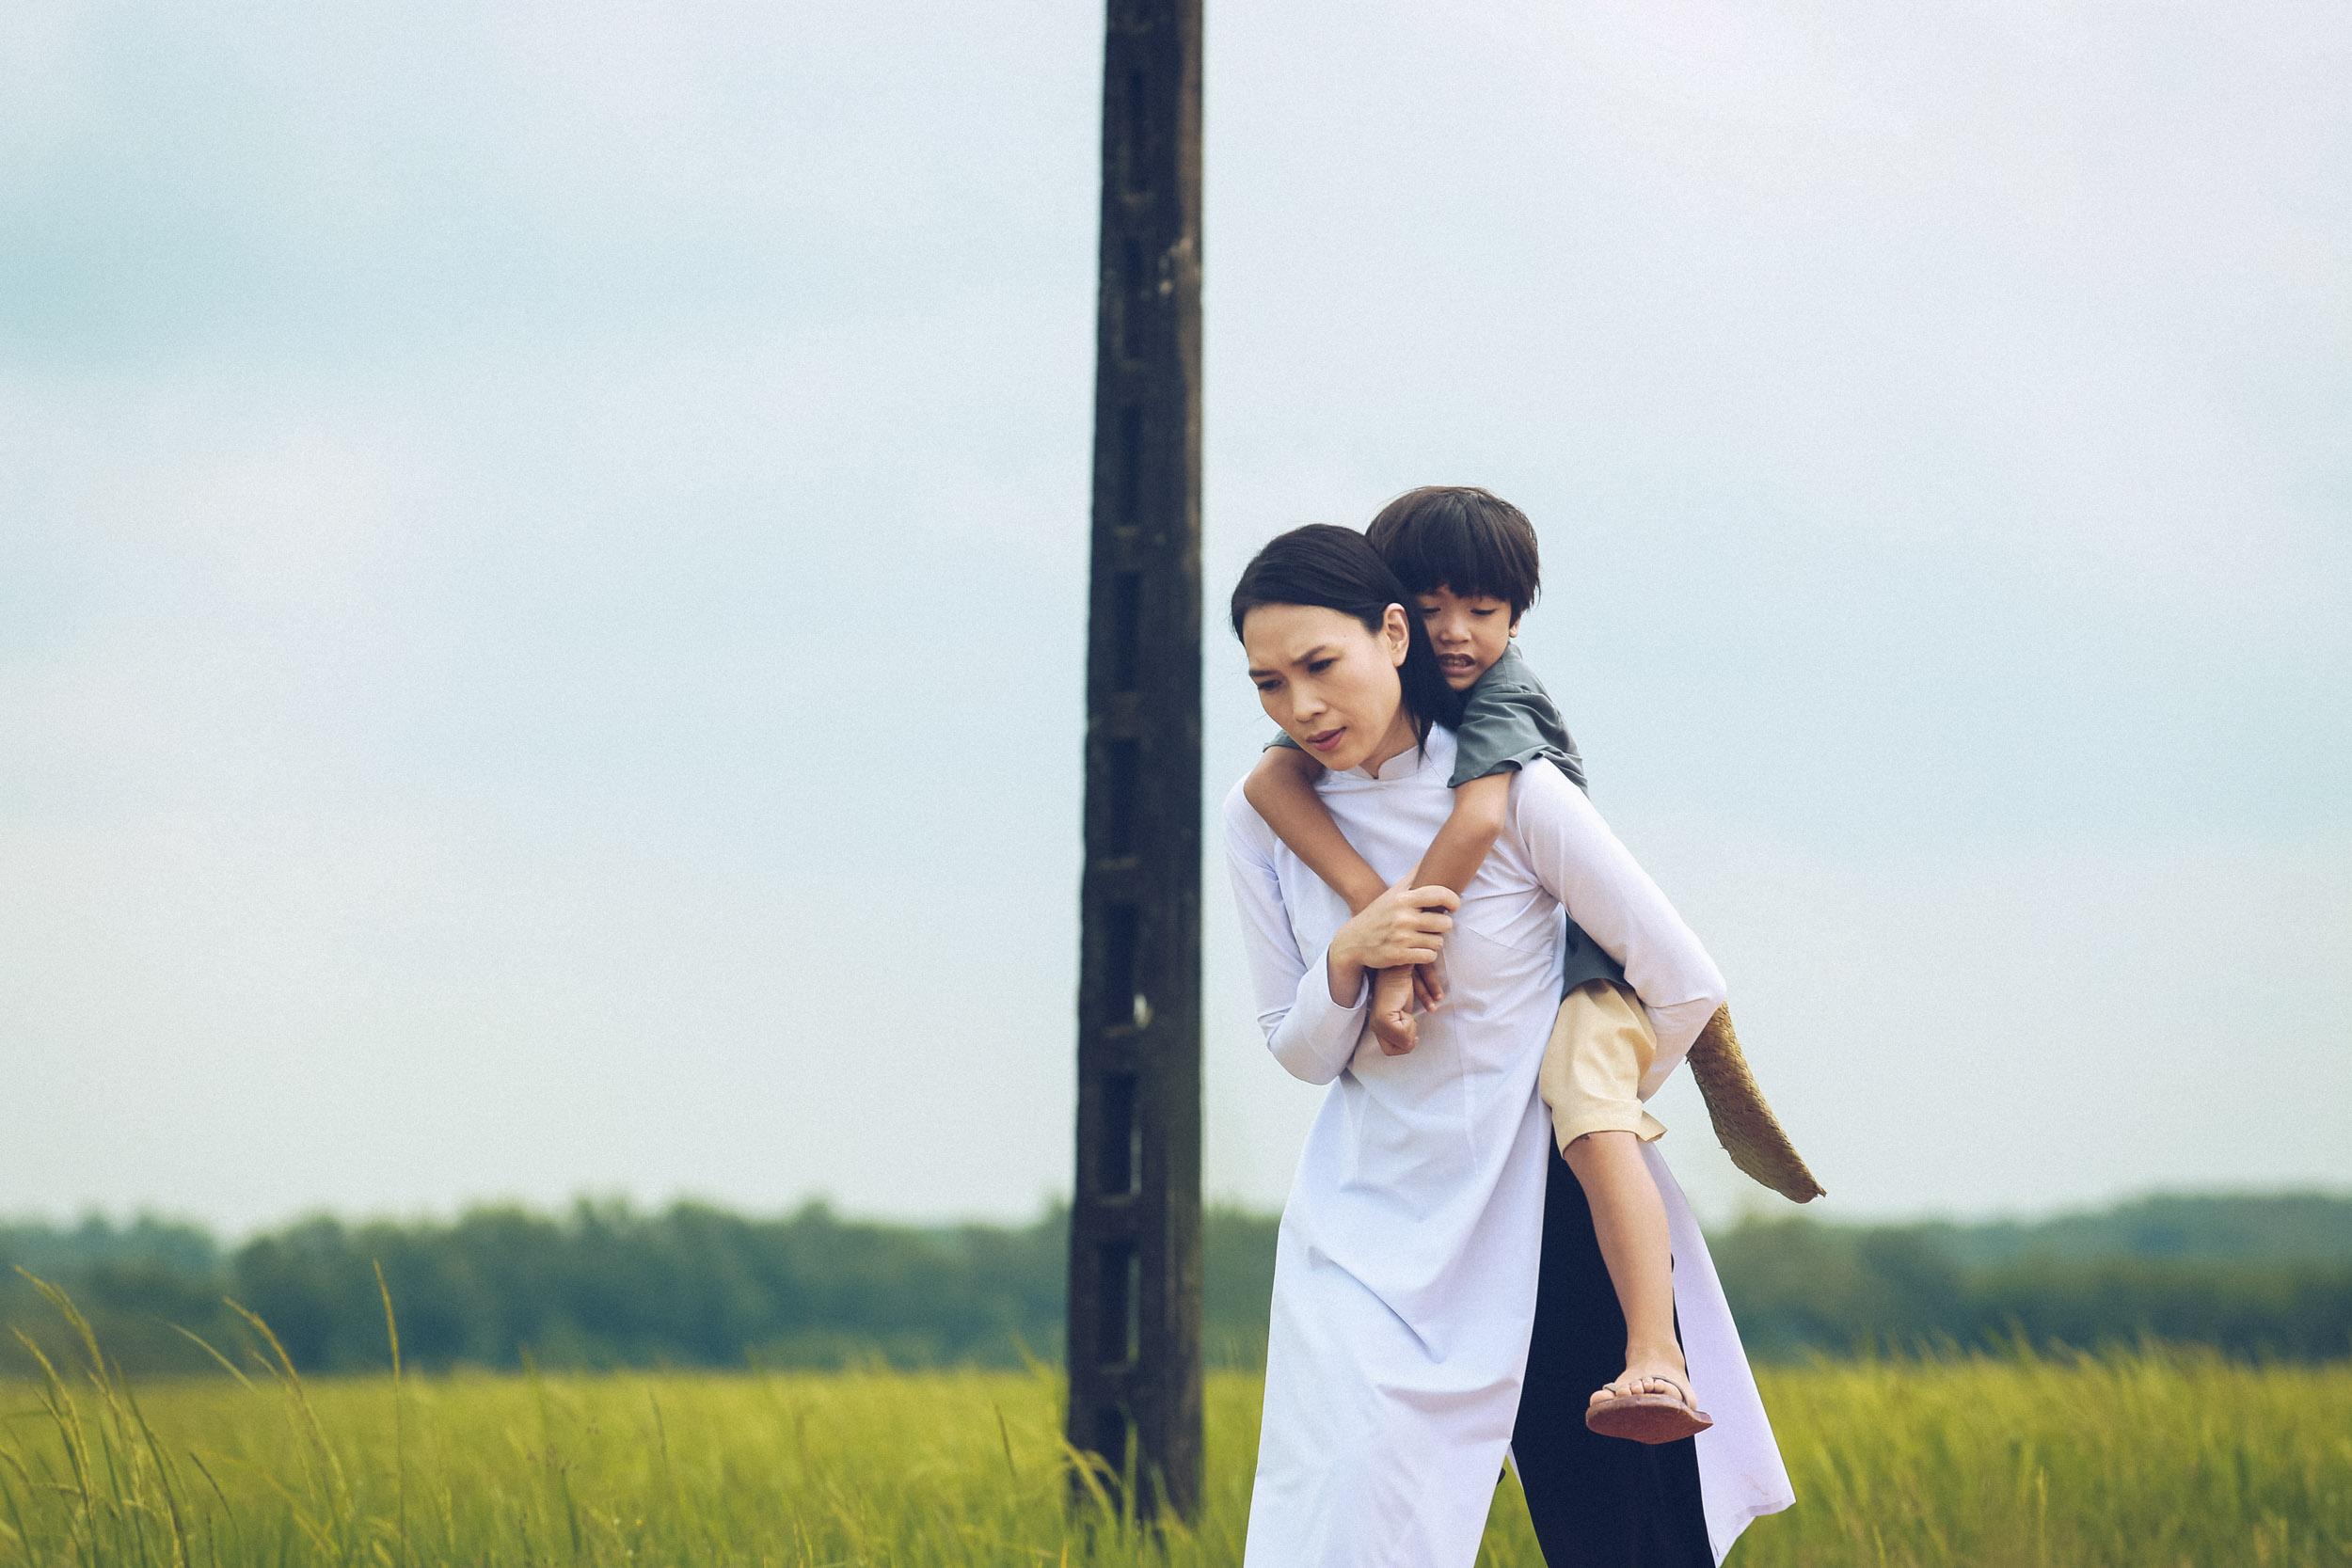 Đại chiến trending Vpop: Noo Phước Thịnh tạm dẫn đầu, MV của Mỹ Tâm vượt mặt Chi Pu chỉ sau 1 ngày ra mắt - Ảnh 12.